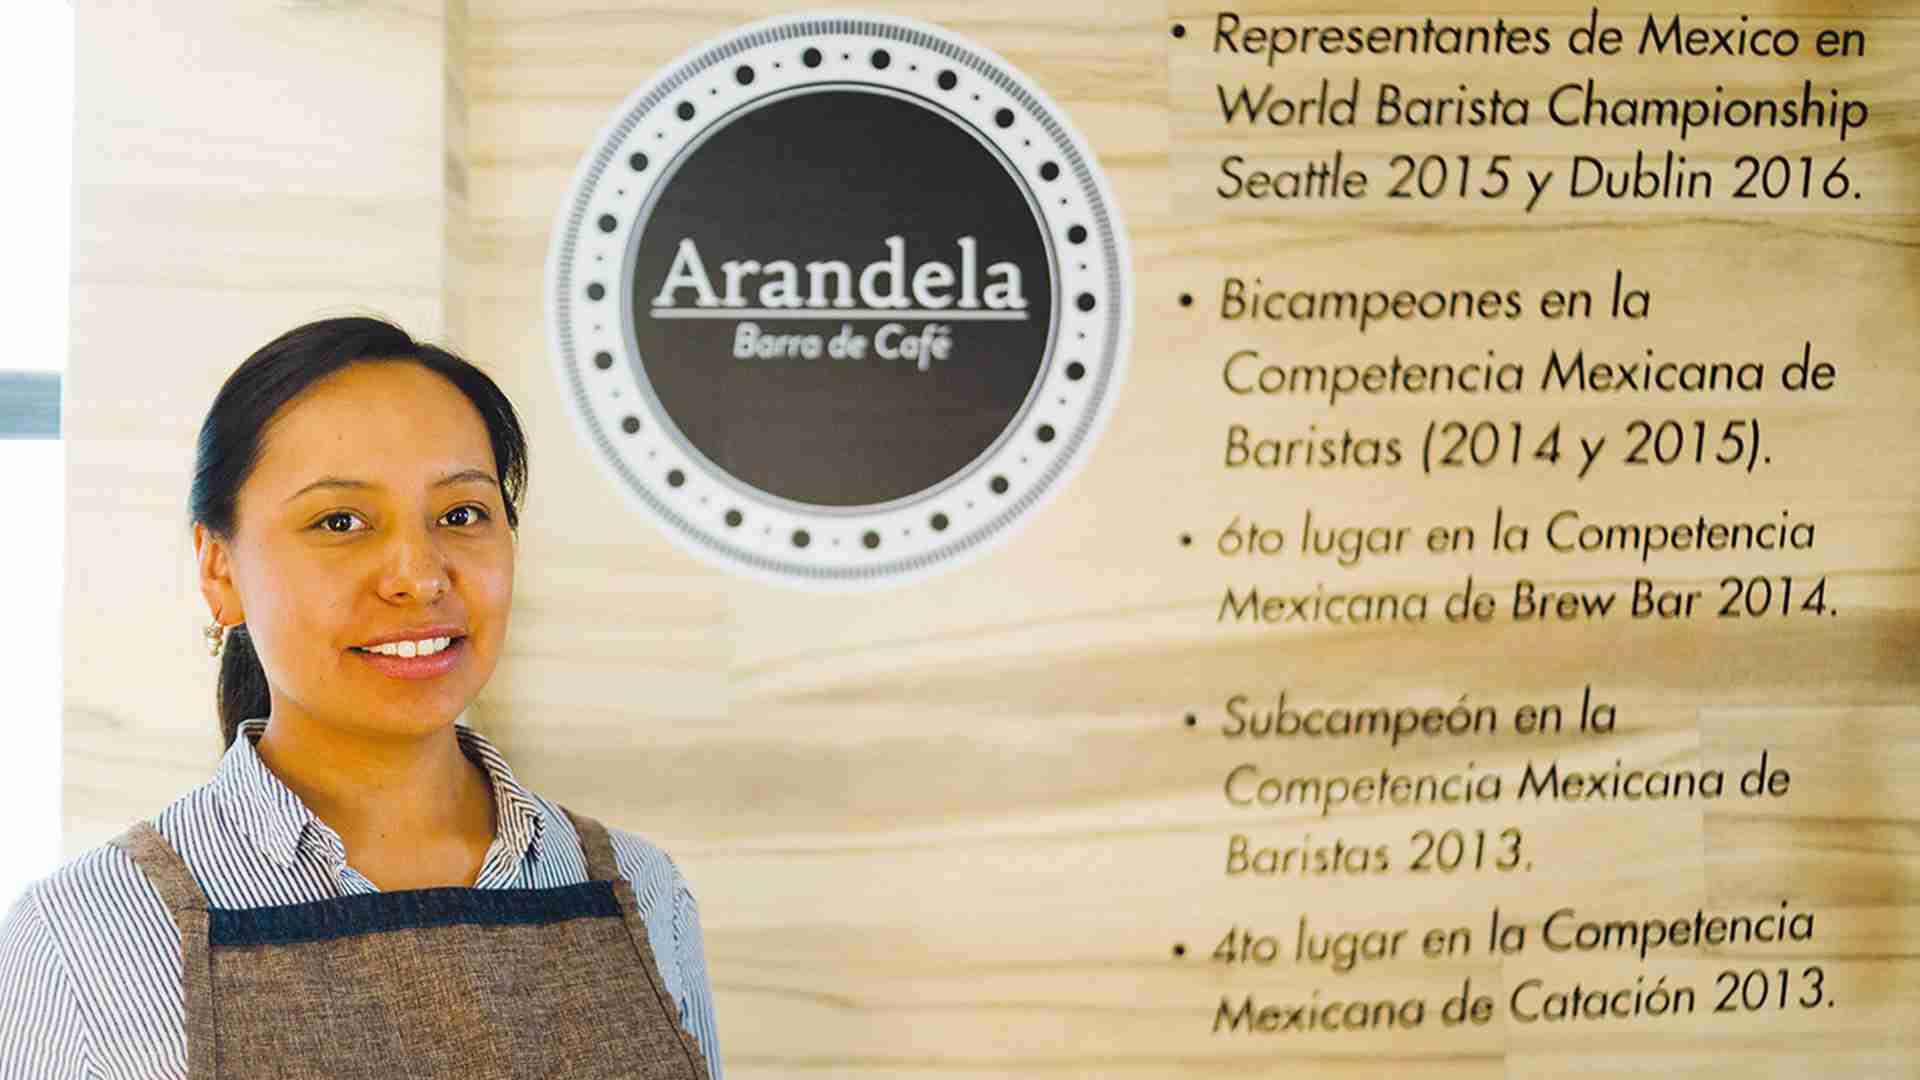 Arandela Barra de Café: sabor de campeonato